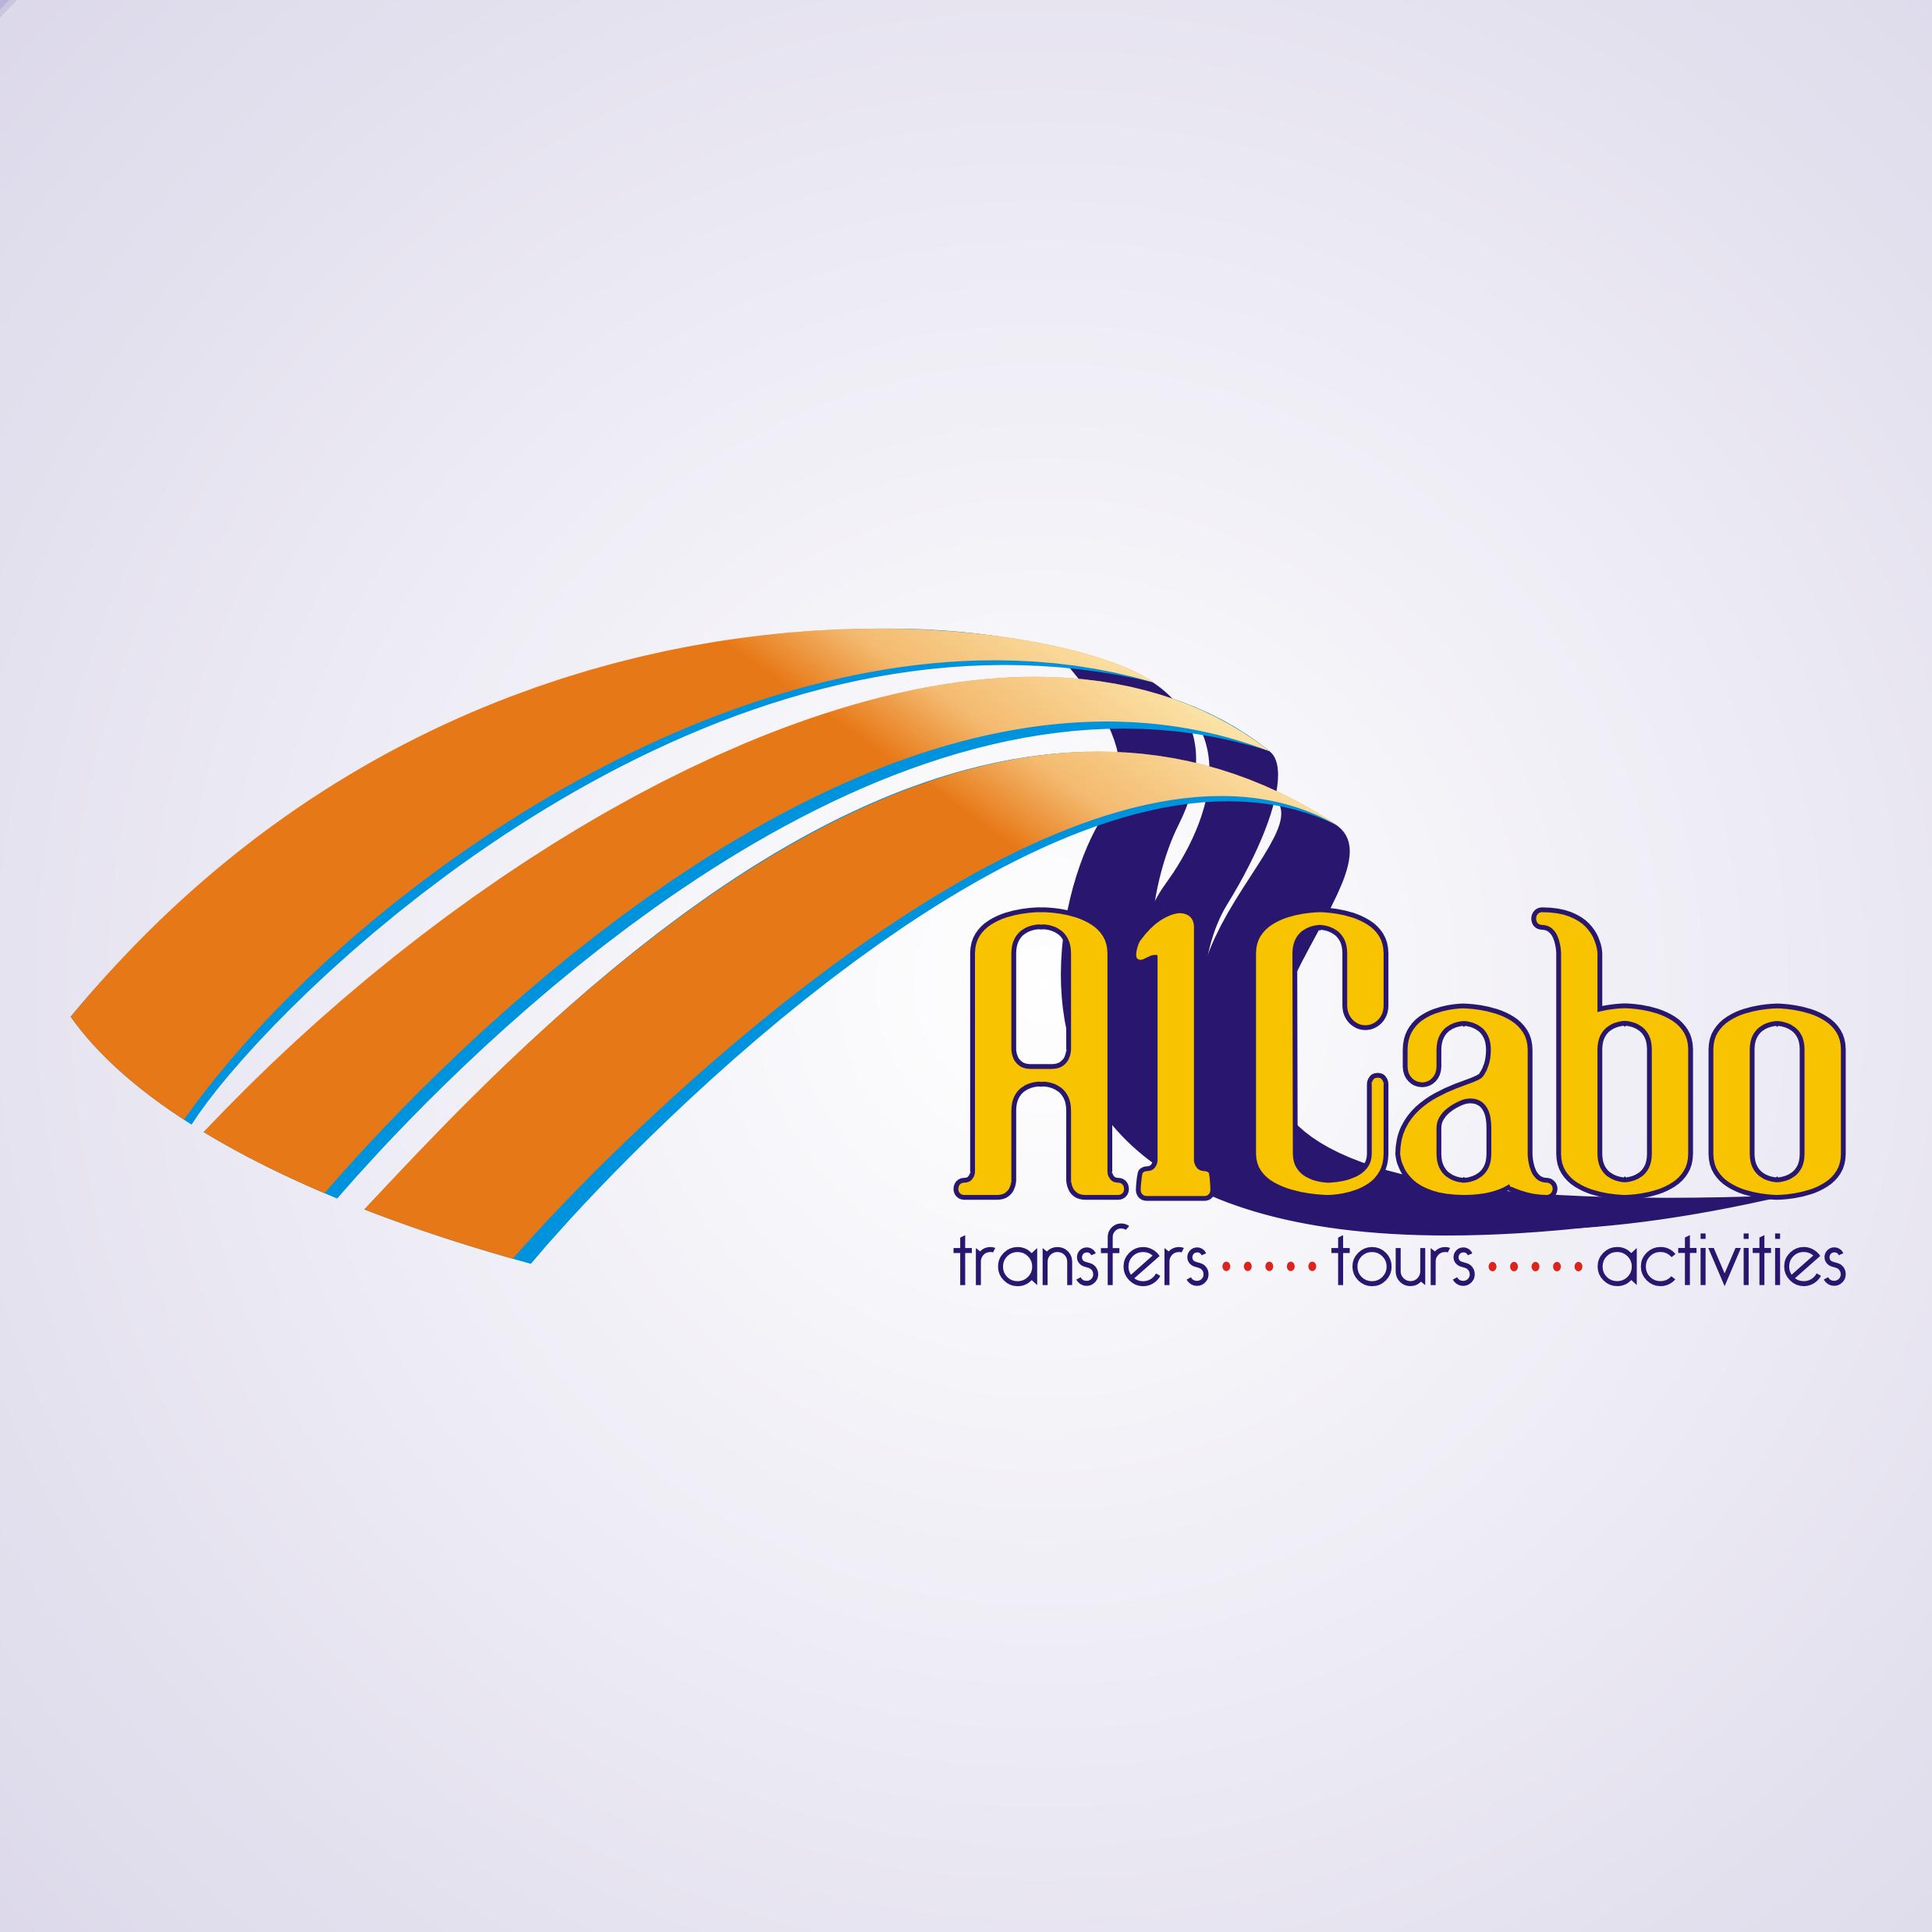 Logo Design by Private User - Entry No. 49 in the Logo Design Contest Inspiring Logo Design for A1Cabo.com.